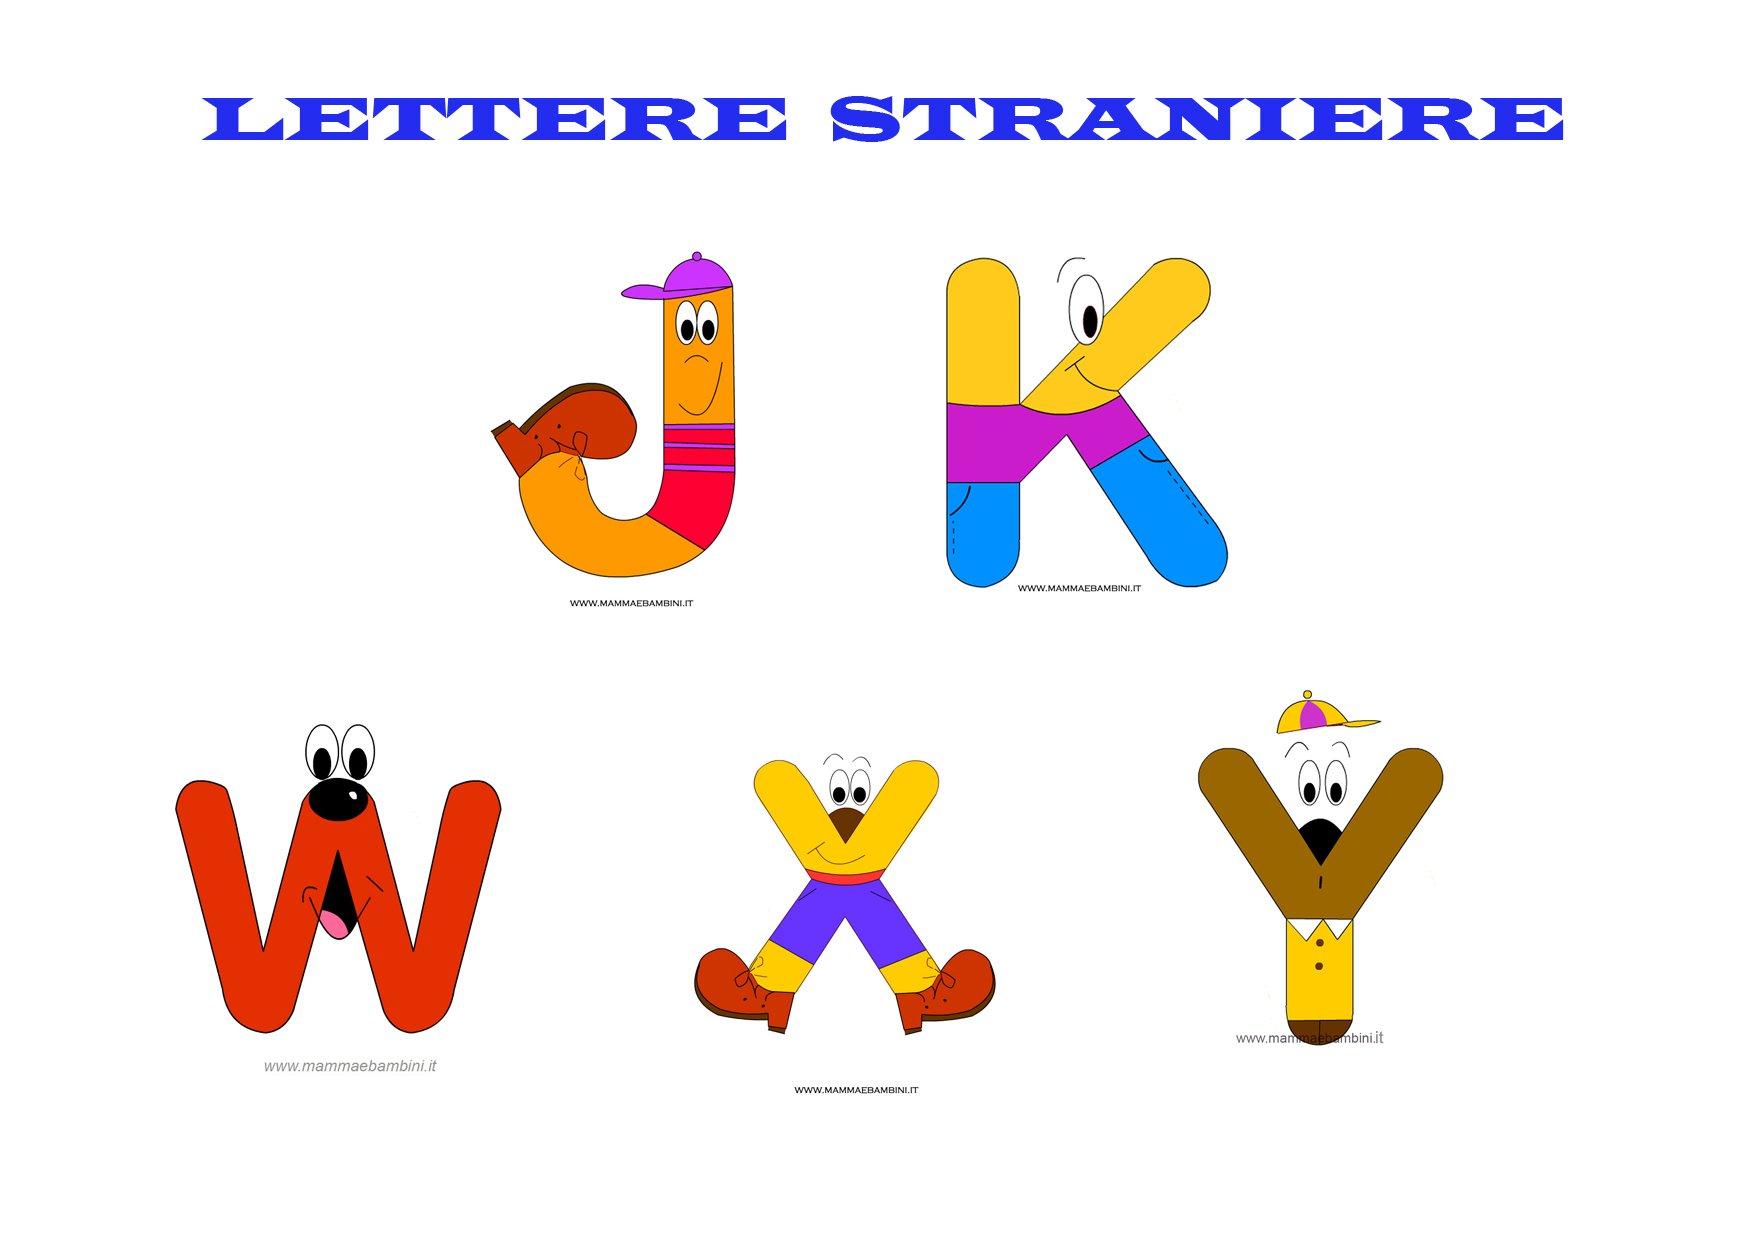 Estremamente Le 5 lettere straniere da stampare e colorare - Mamma e Bambini XB71